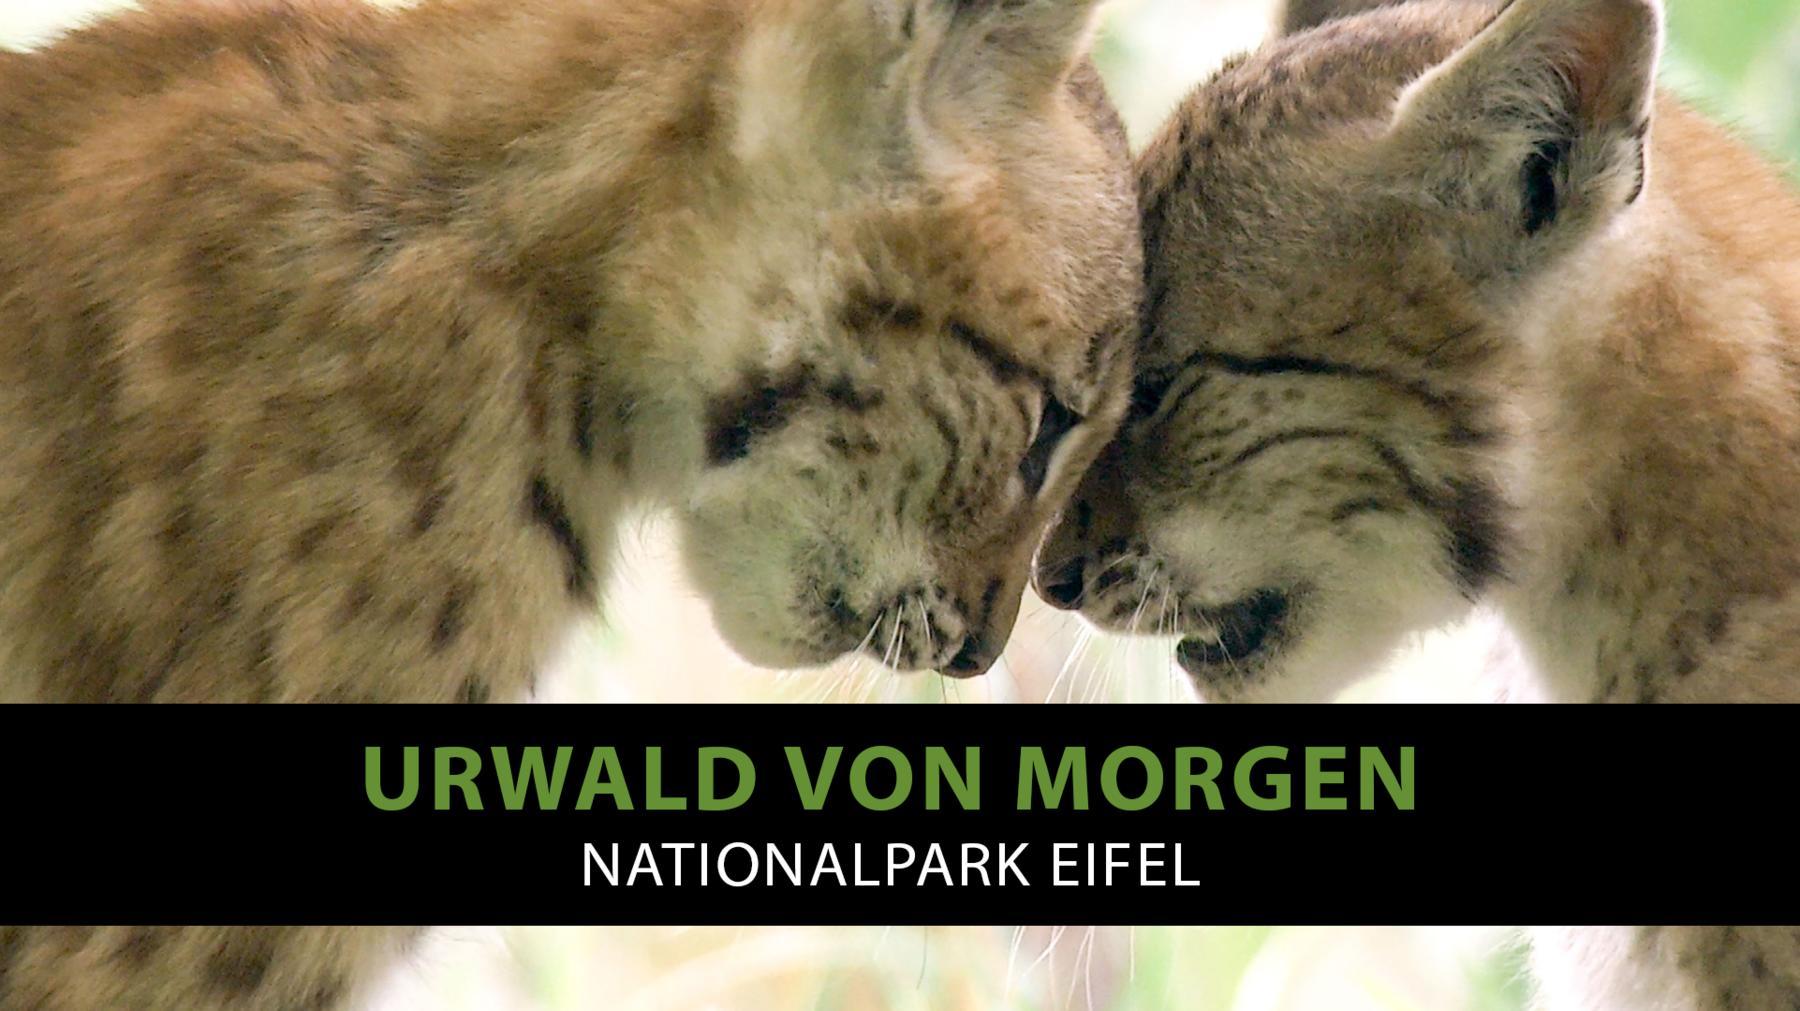 Urwald von morgen - Nationalpark Eifel